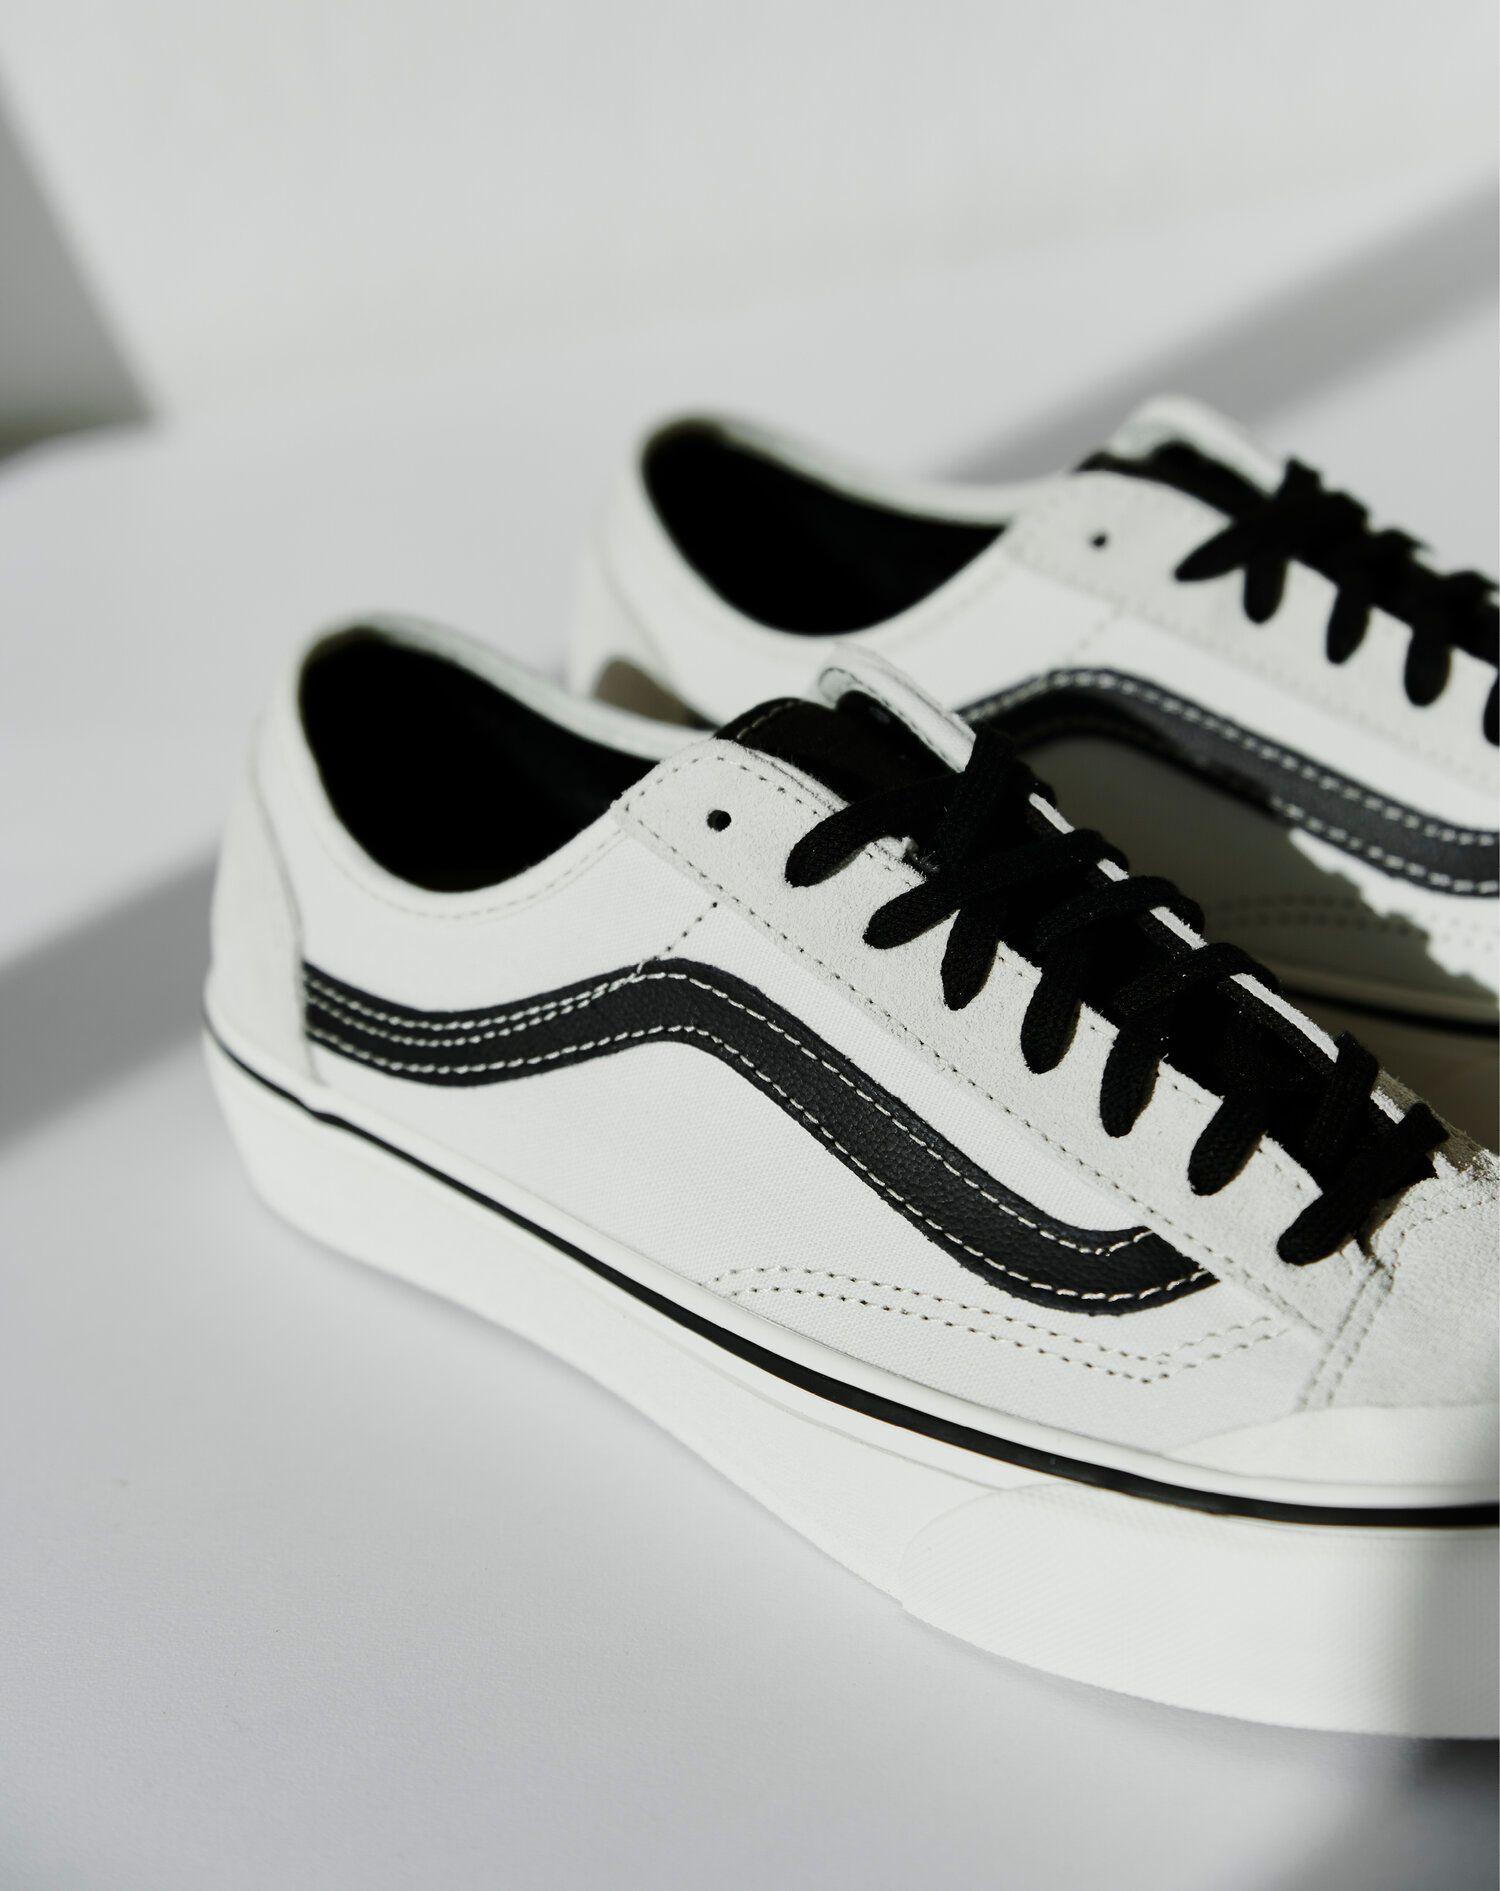 Penting! Cara Mudah Membedakan Sepatu Vans Asli dan Palsu